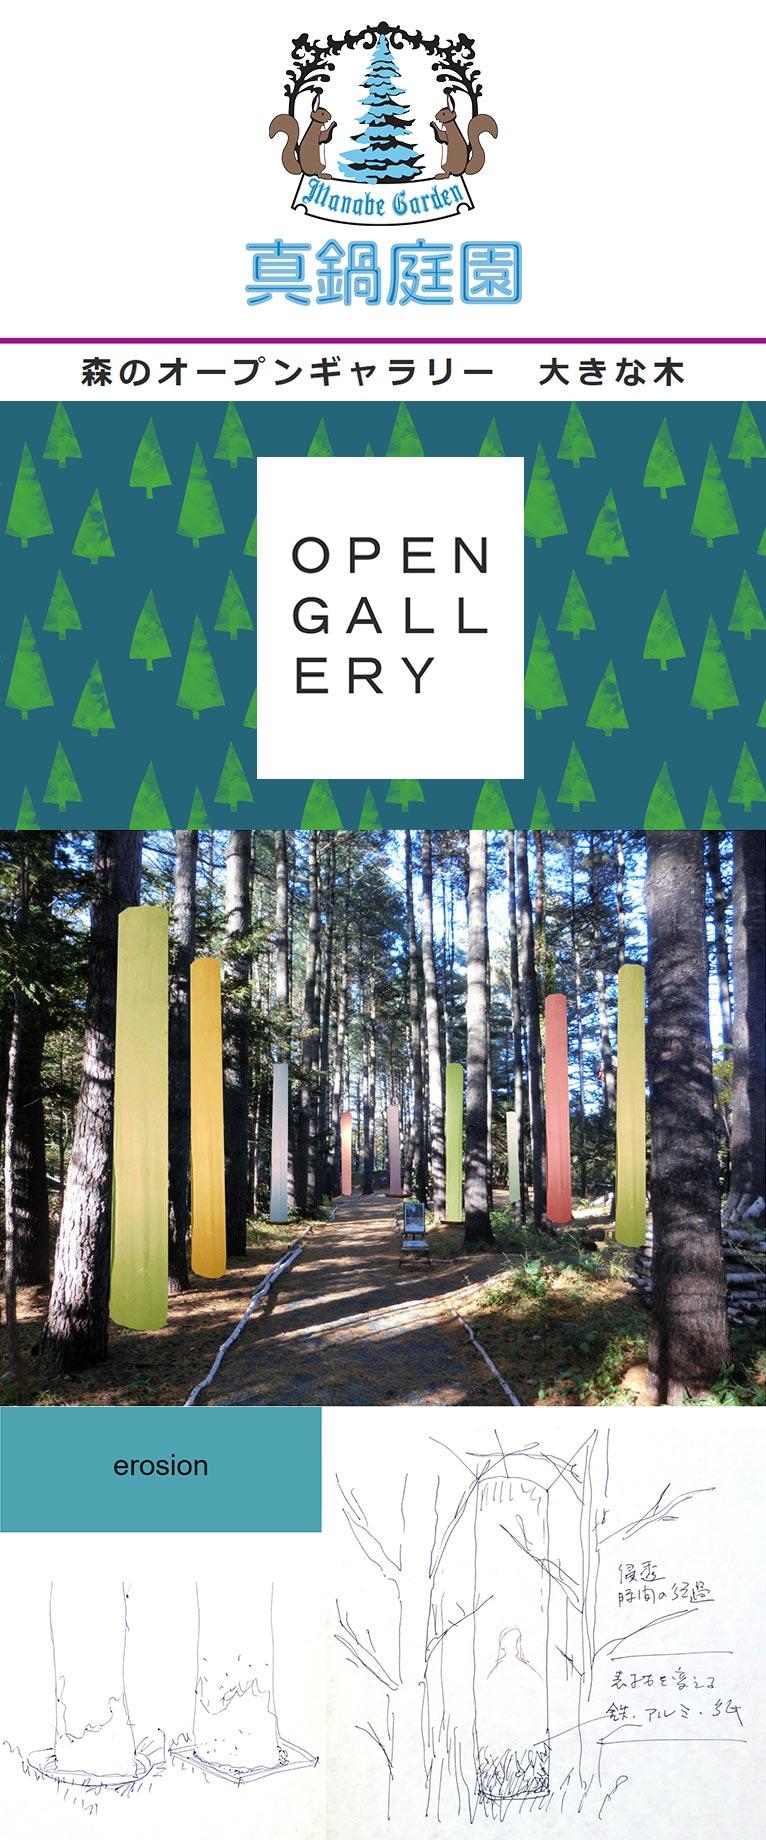 2021年5月1日~7月31日 梅田マサノリ展~浸蝕 erosion~ 真鍋庭園『森のオープンギャラリー 大きな木』